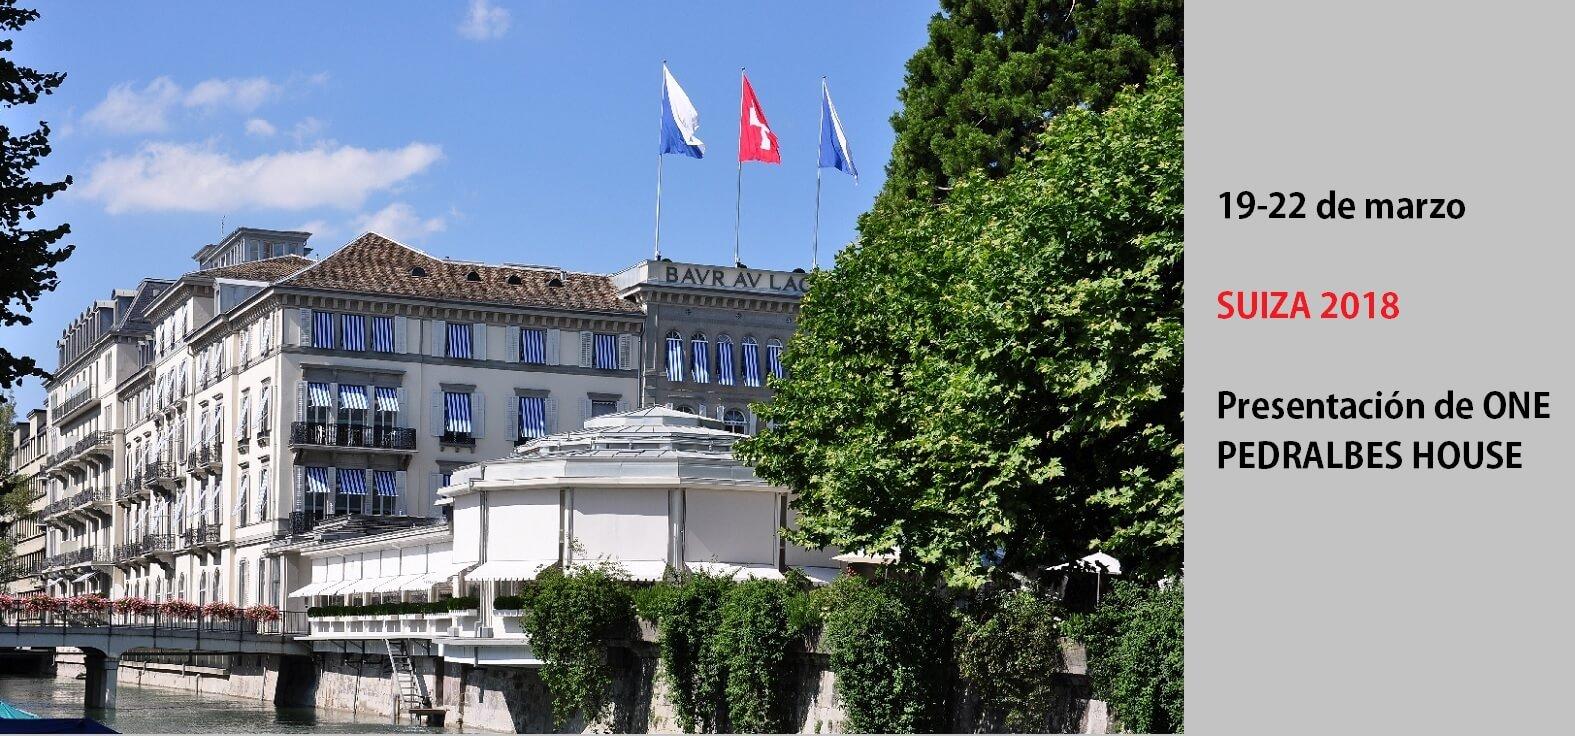 Eventos en Suiza. pisos de lujo en Barcelona